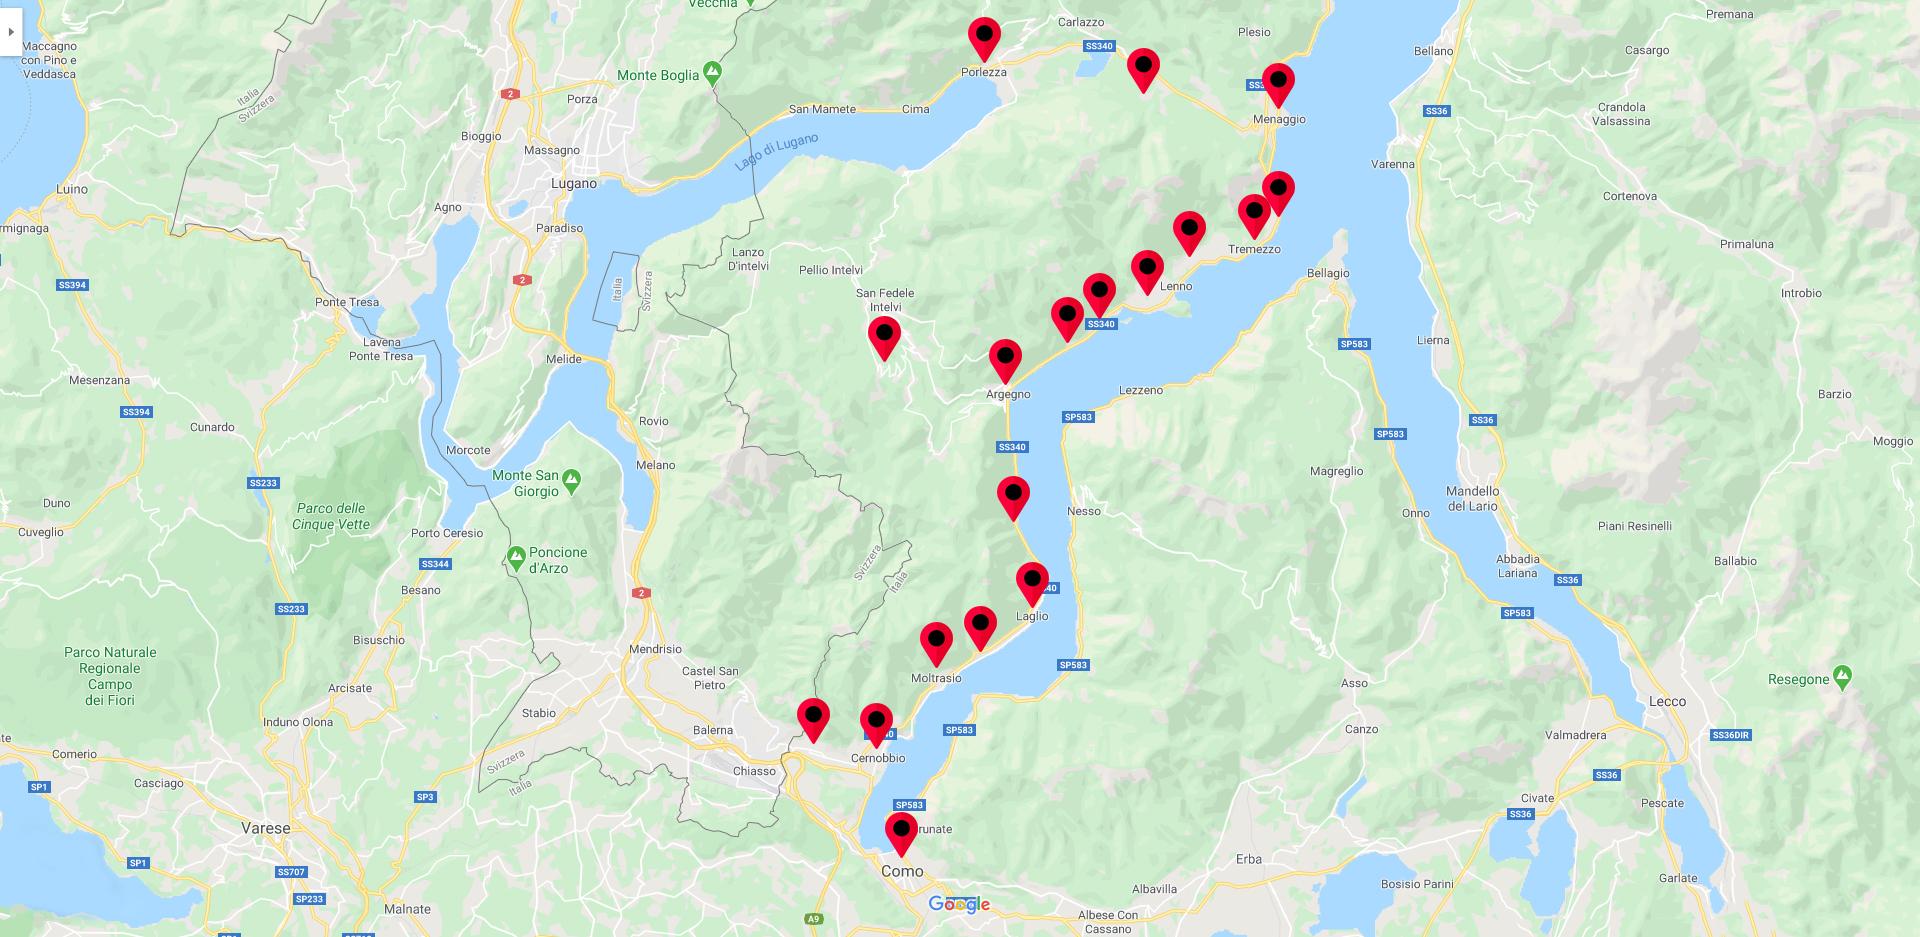 Mappa territorio servito Lagori O. F.